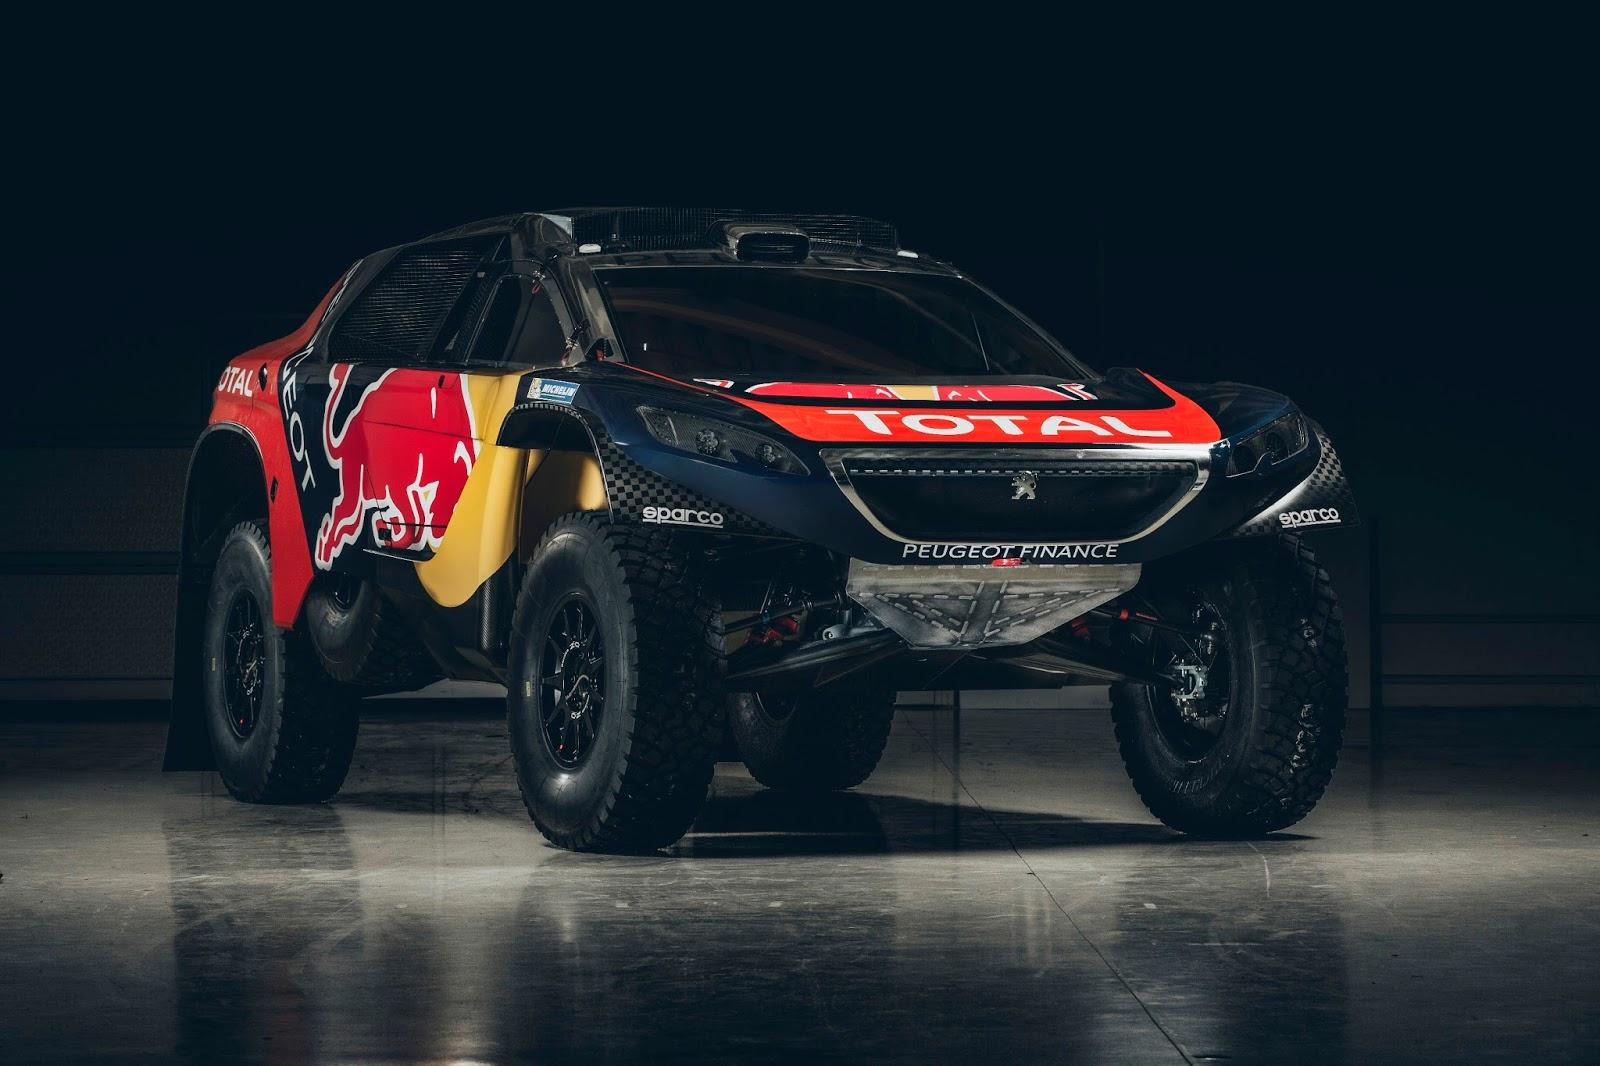 2008DKR low%2Bres%2B Το PEUGEOT 2008DKR στα χρώματα του πολέμου! Peugeot, Peugeot 2008 DKR, Peugeot 2008 DKR16, Rally Dakar